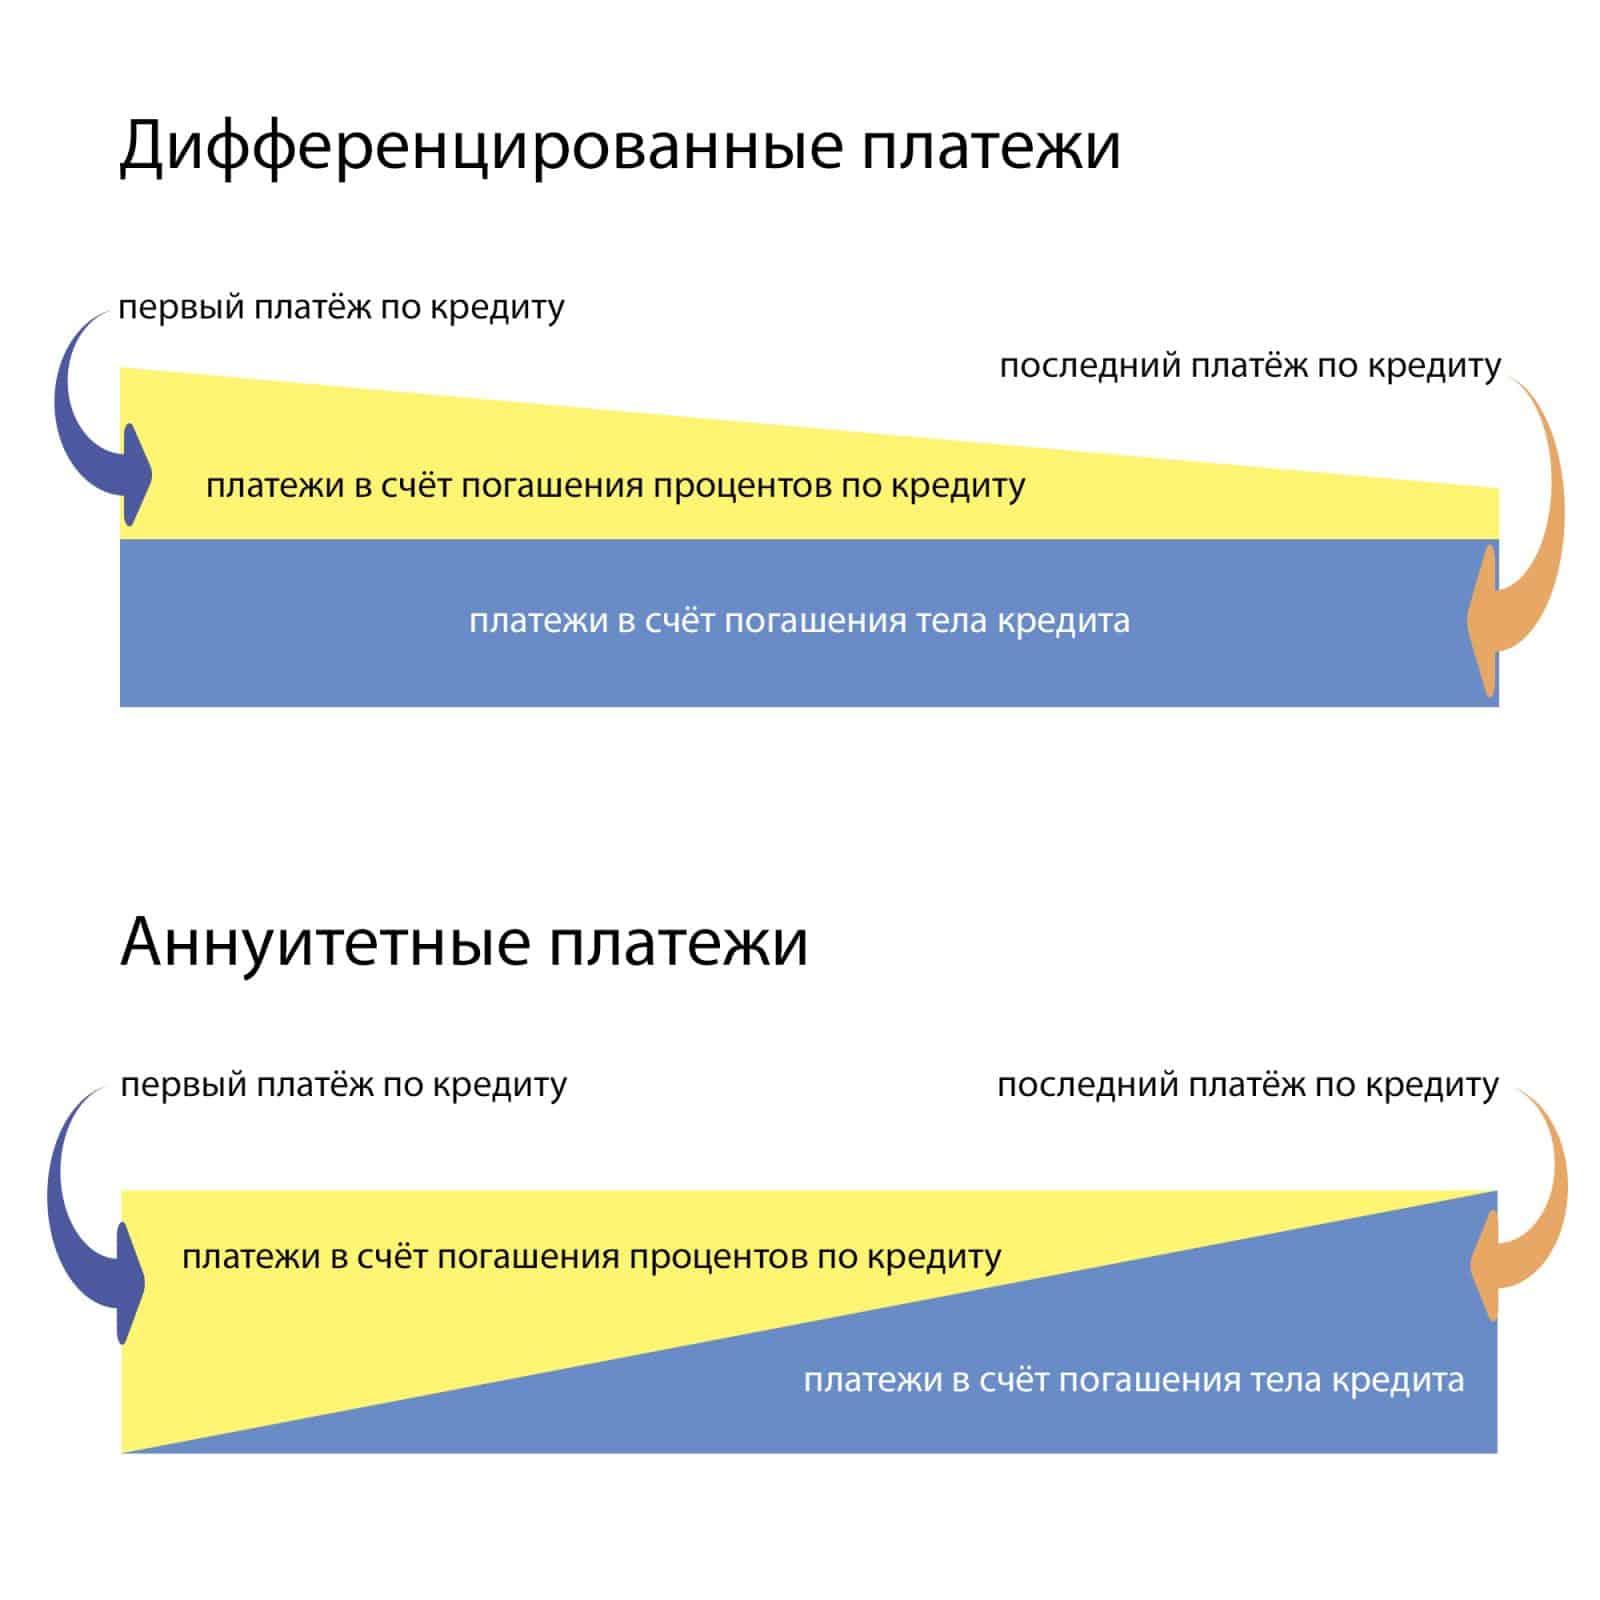 Аннуитетный платеж: что это такое, плюсы и минусы данного метода. особенности аннуитетной ипотеки и схема погашения кредита